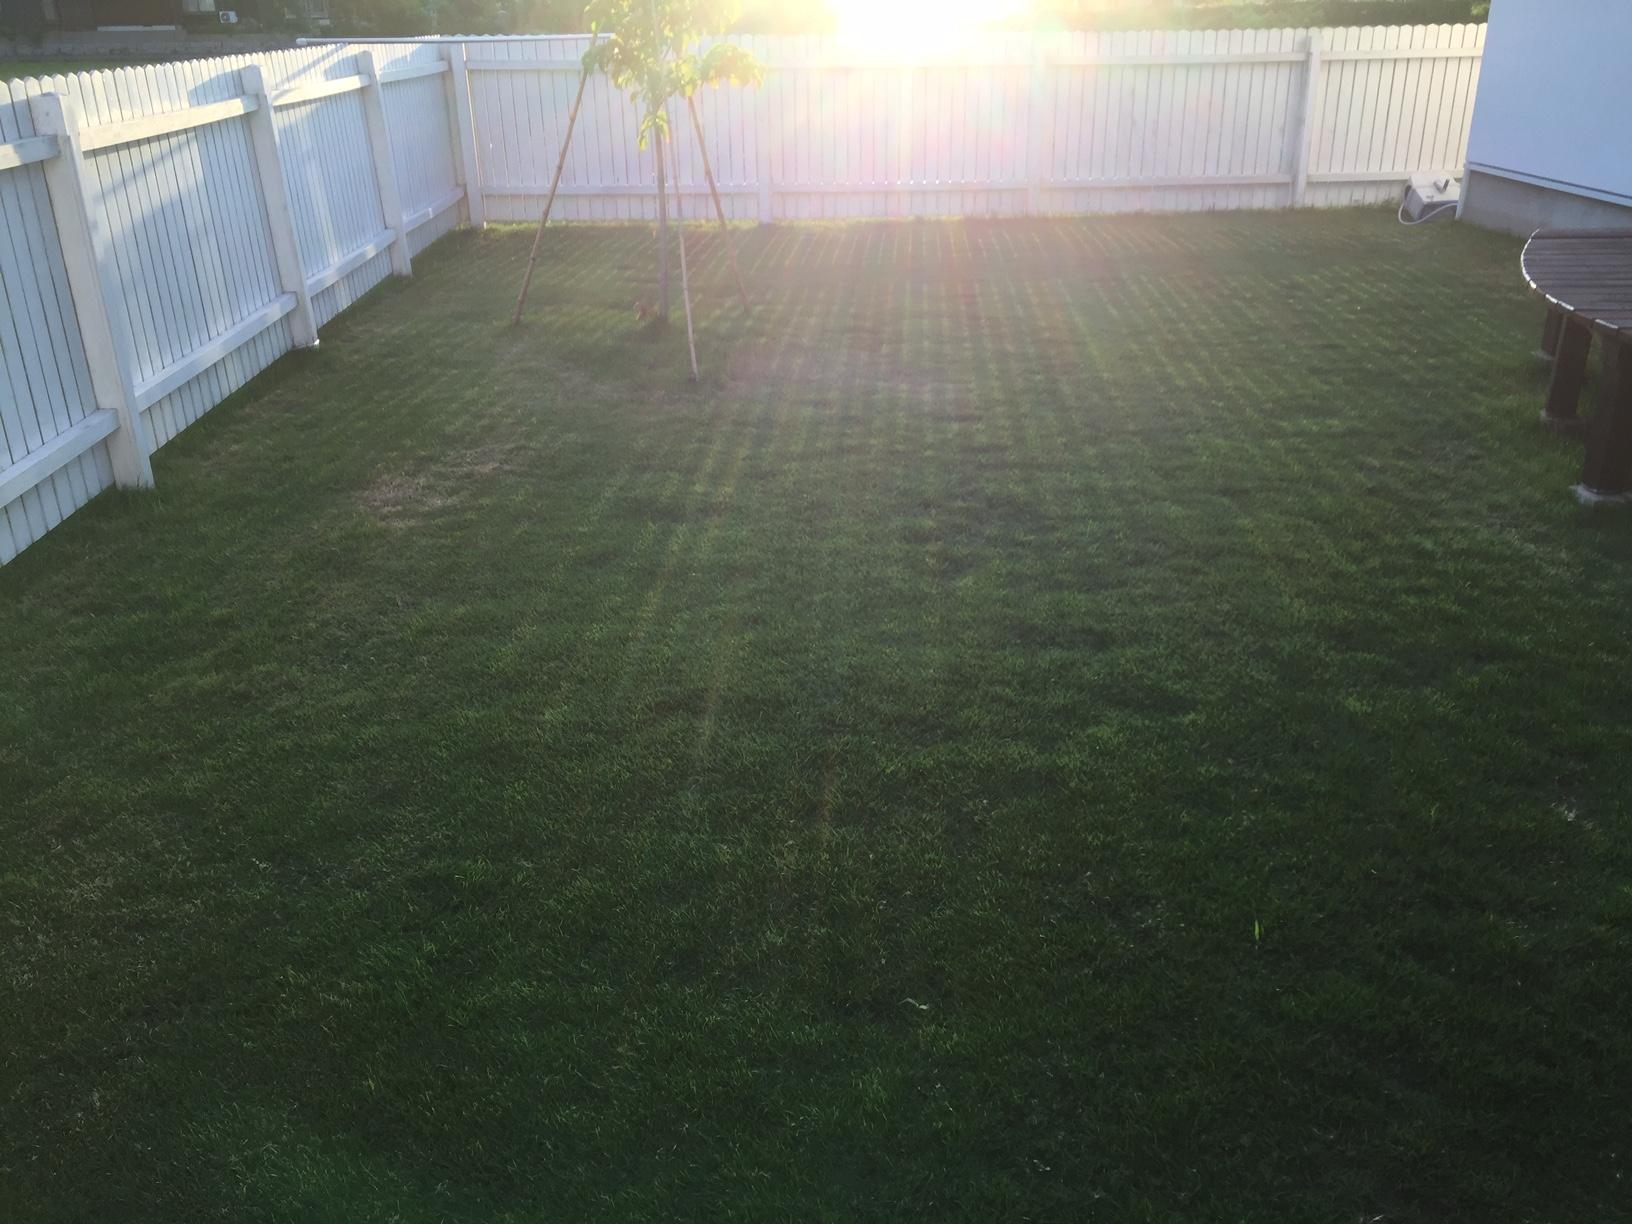 2020.06.17 芝生の状況(芝刈り)